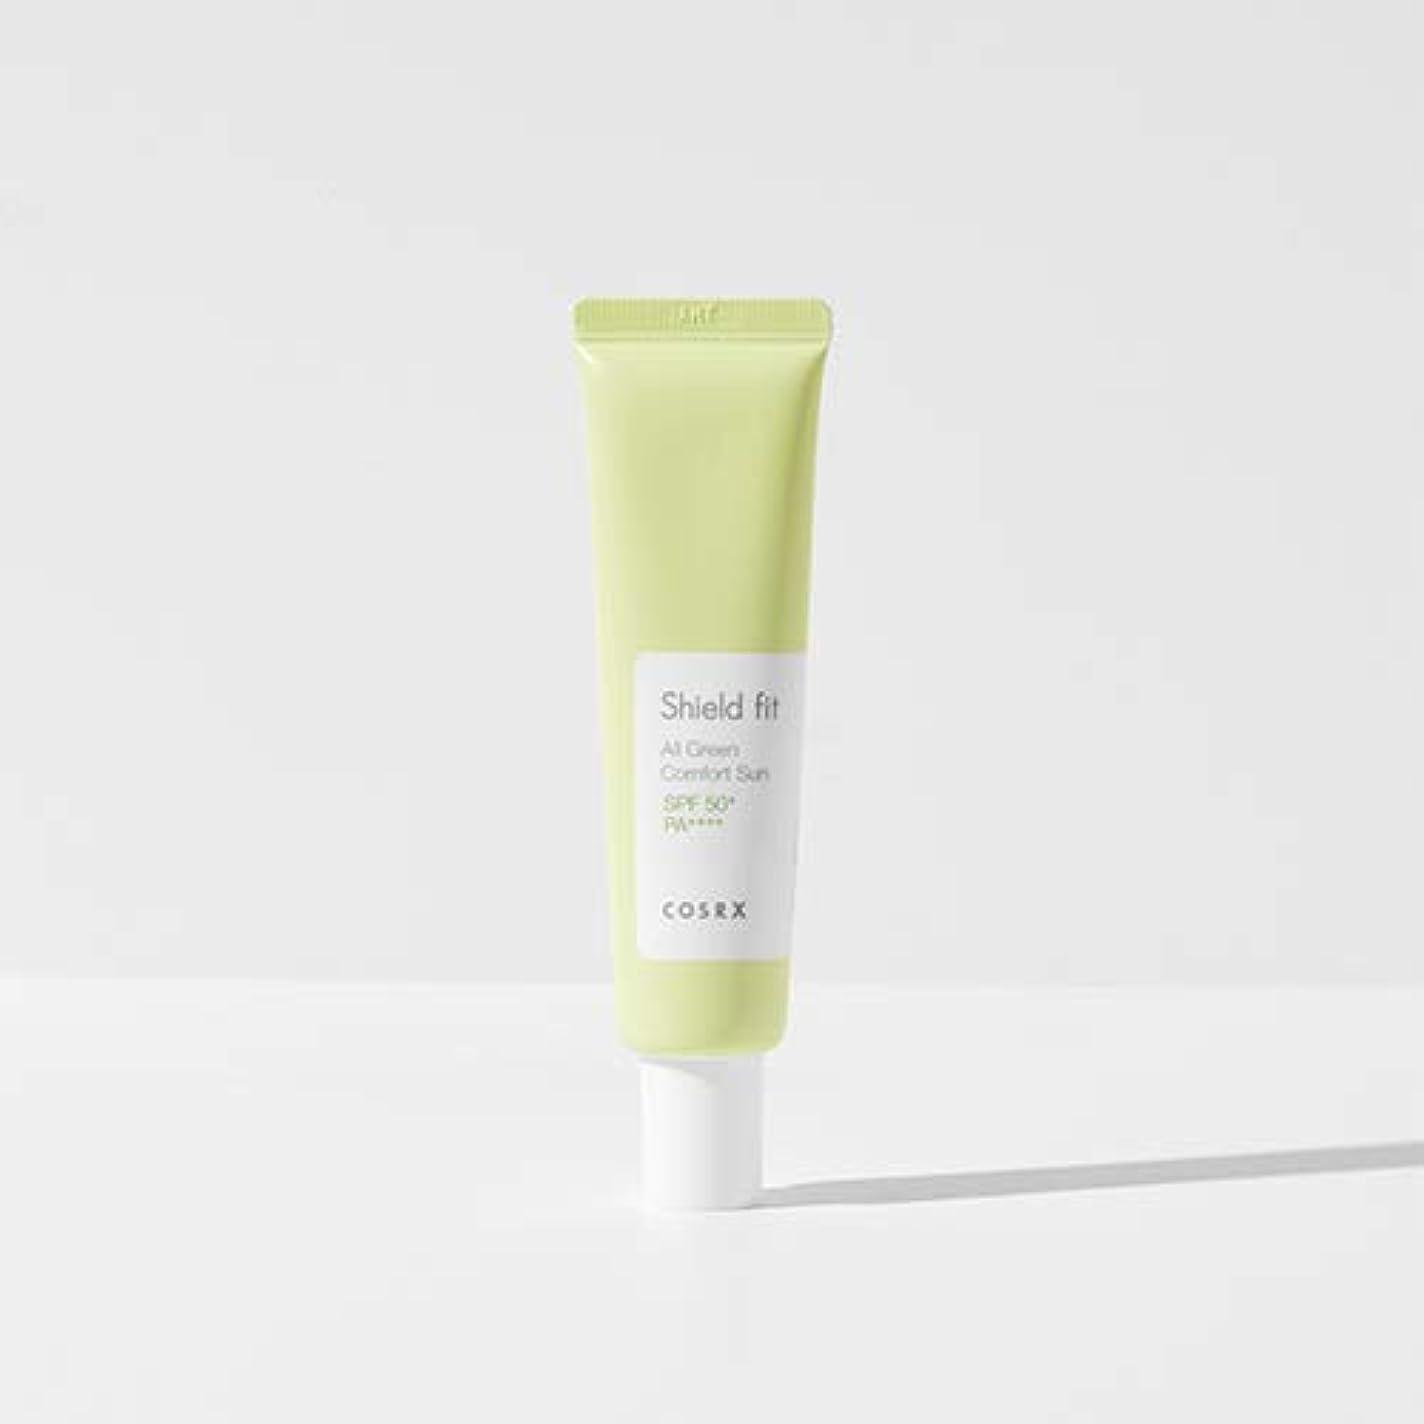 トチの実の木相反するアラームCOSRX シールド フィット オール グリーン コンフォート サン(無機系)/Shield fit All Green Comfort Sun (35ml) [並行輸入品]